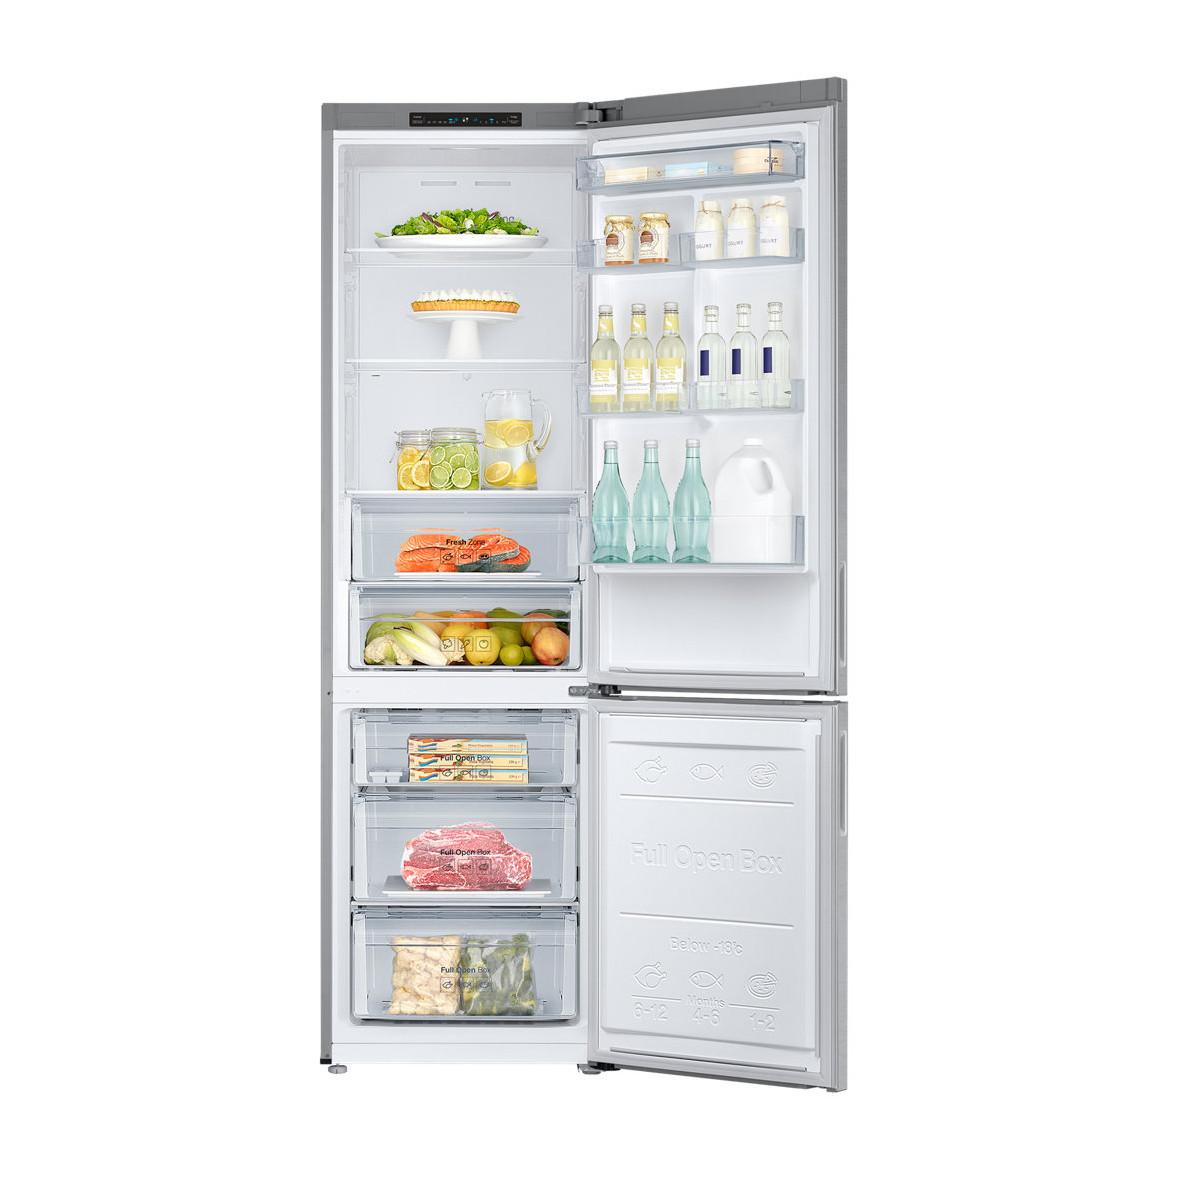 ТОП холодильников Samsung по отзывам покупателей - Samsung RB37J5000SA